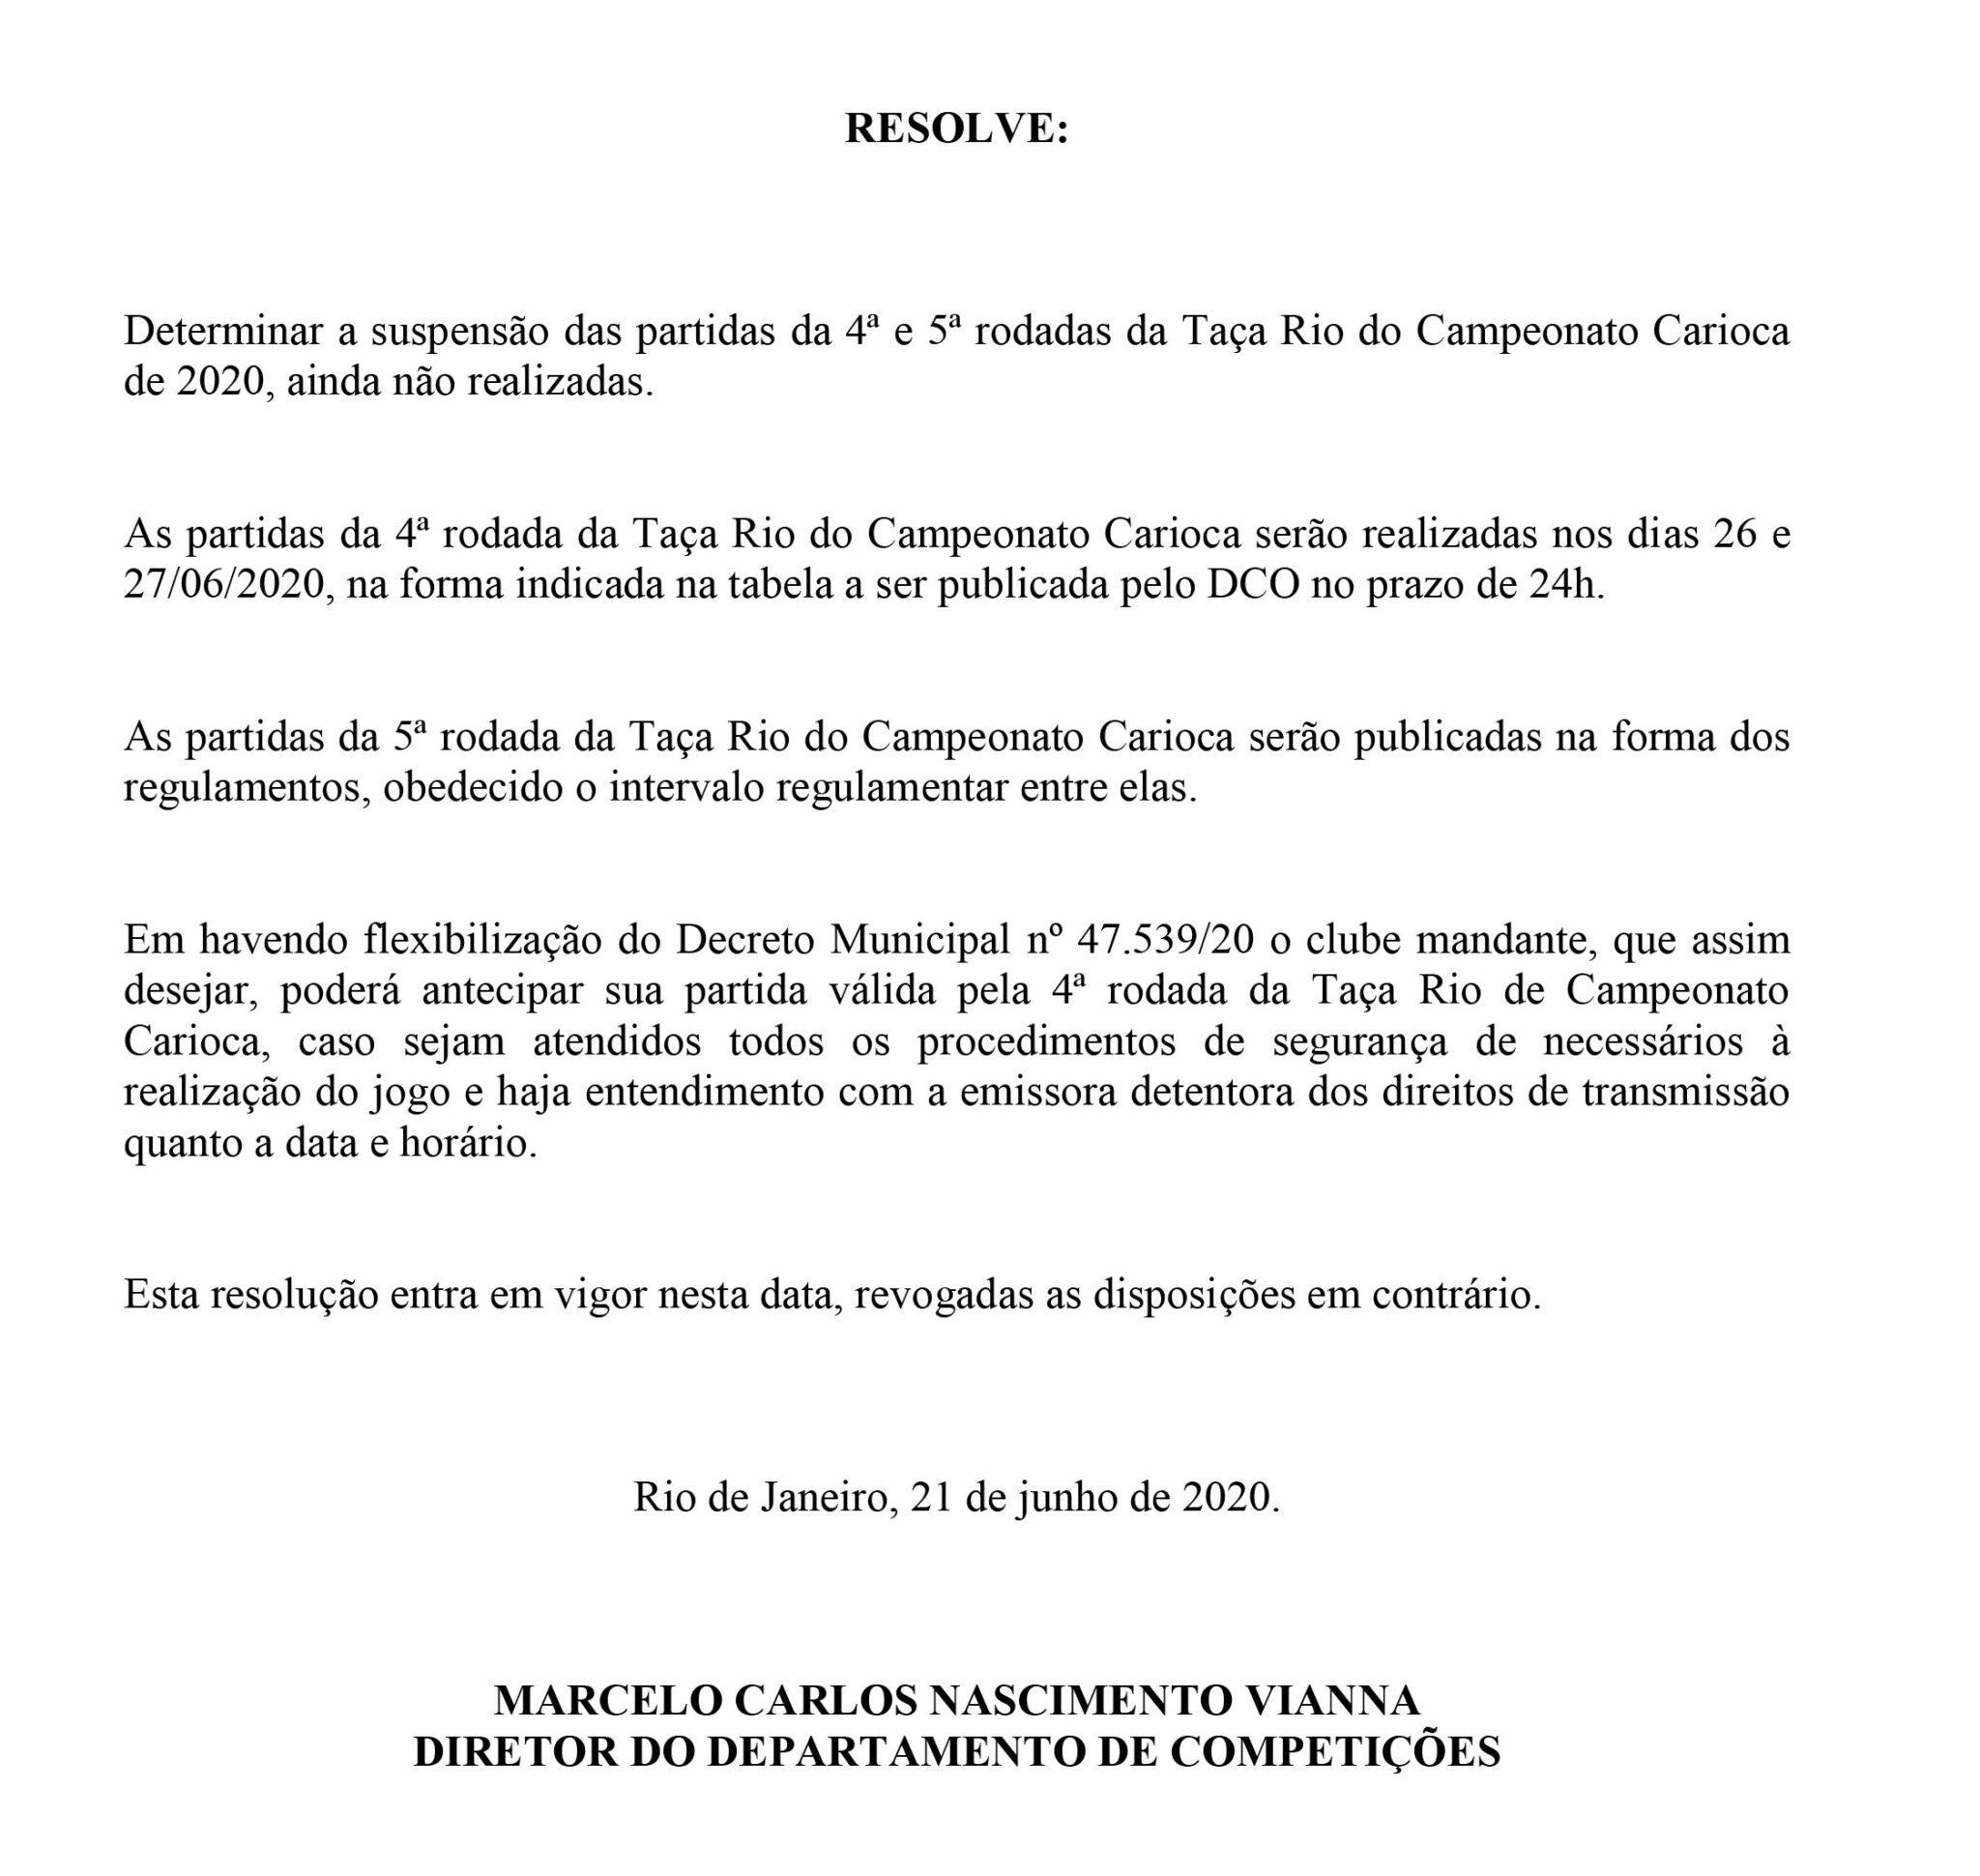 Resolução da Ferj suspende jogos da Taça Rio do Campeonato Carioca após decreto de Marcelo Crivella